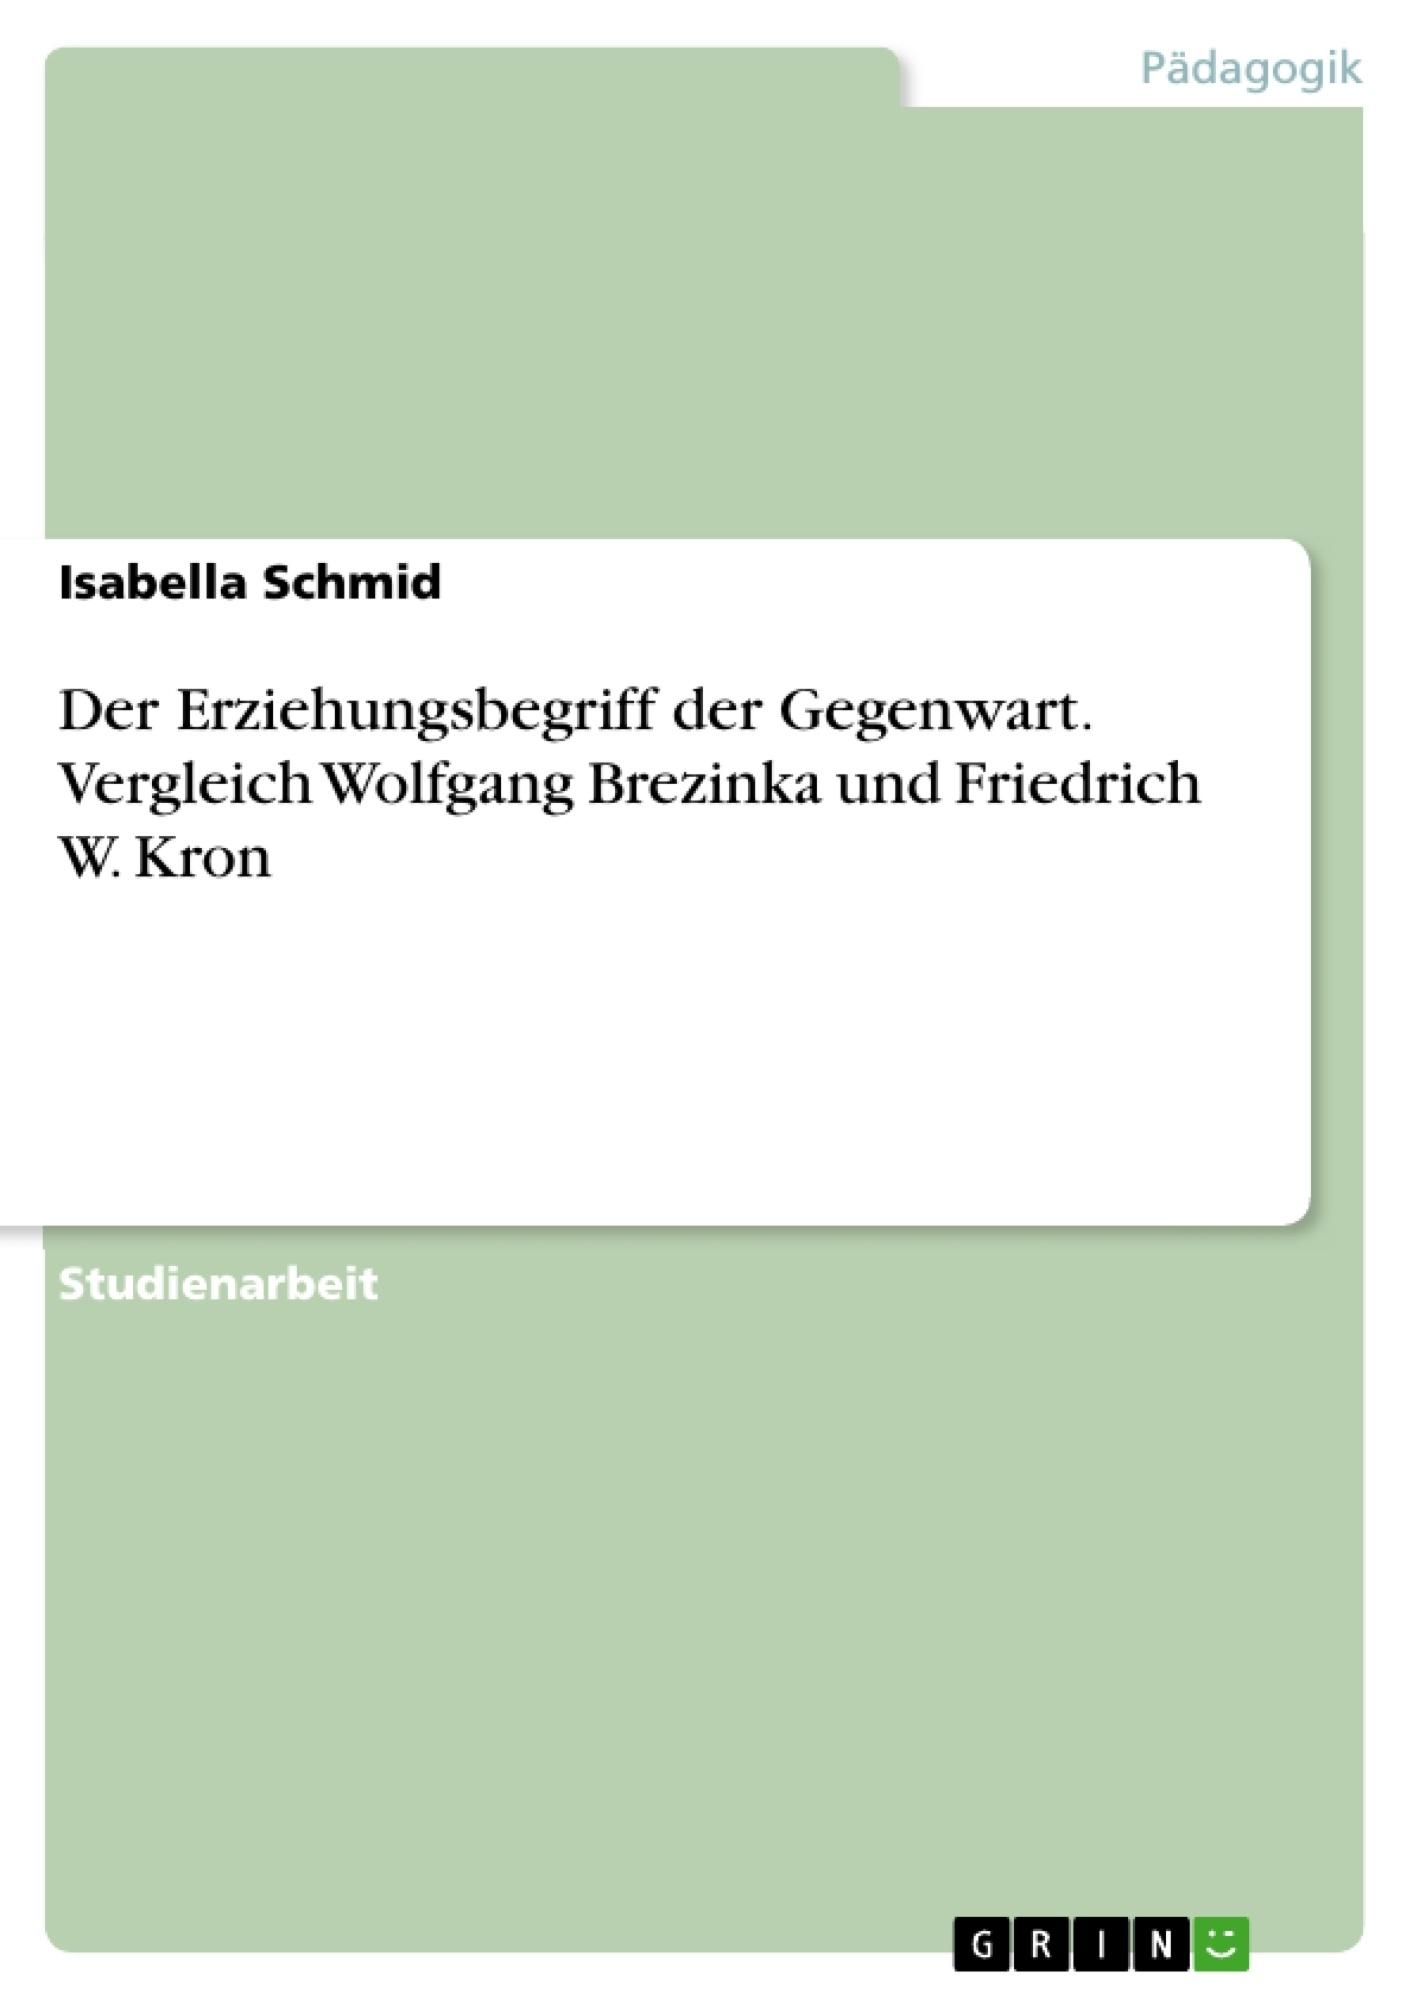 Titel: Der Erziehungsbegriff der Gegenwart. Vergleich Wolfgang Brezinka und Friedrich W. Kron